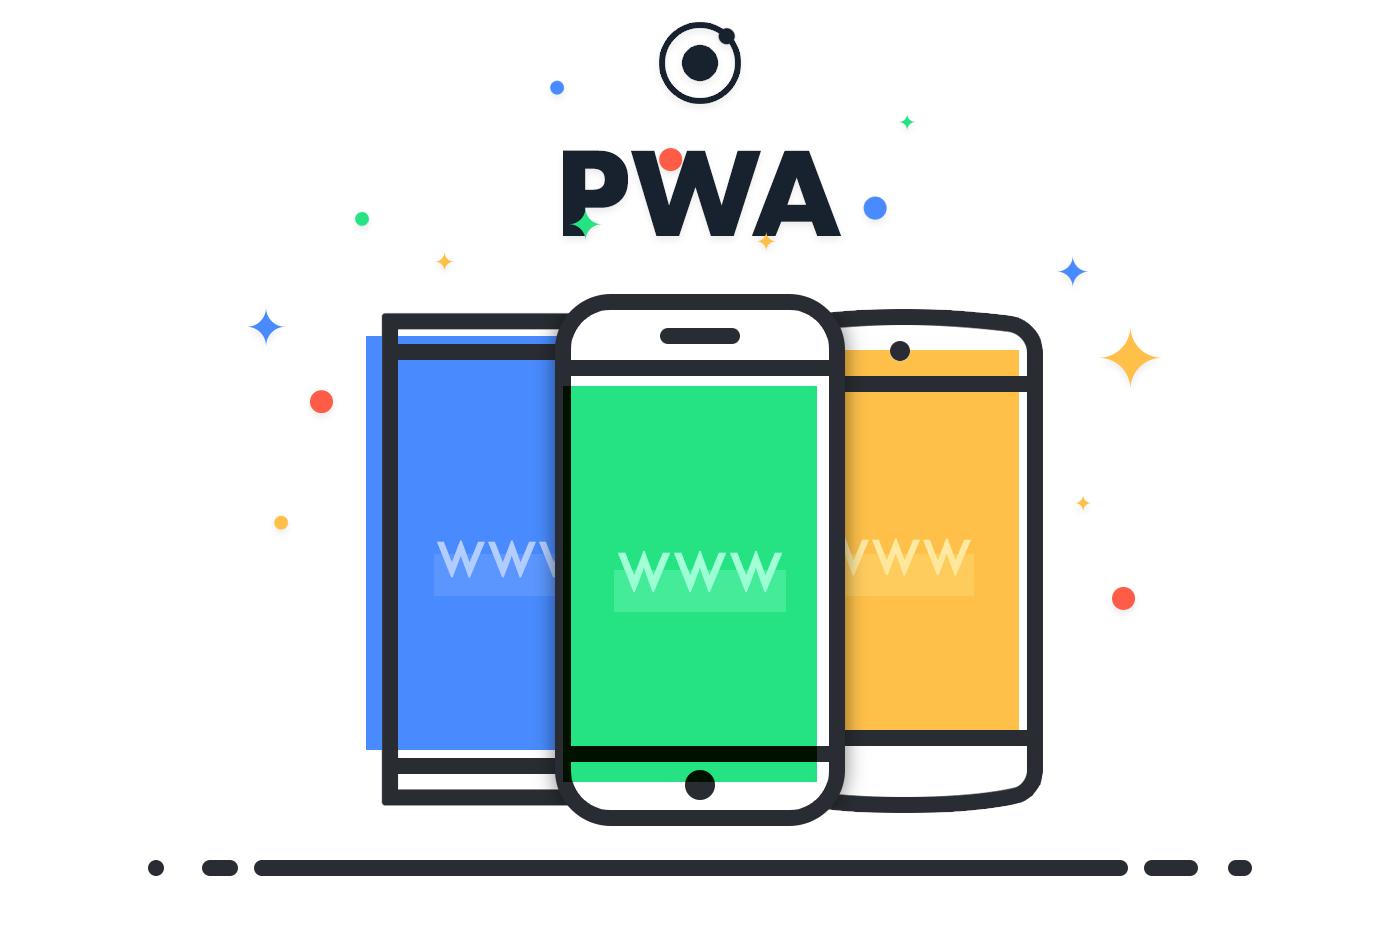 Une «Progressive Web App» c'est quoi? Pourquoi ce nouveau concept va peut-être remplacer beaucoup d'applications natives?